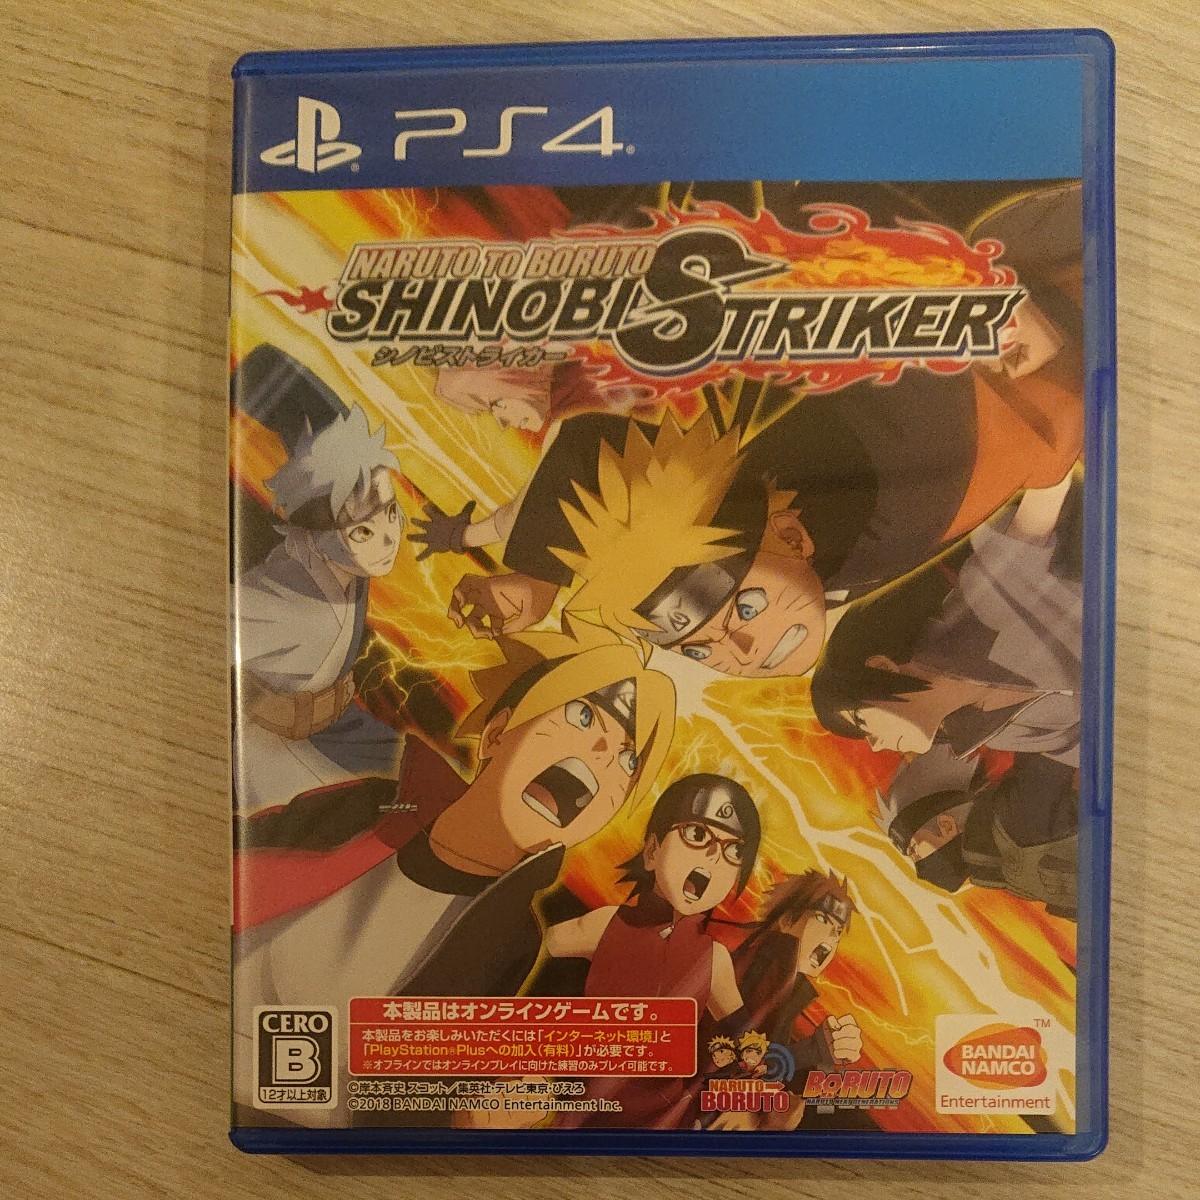 PS4  シノビストライカー